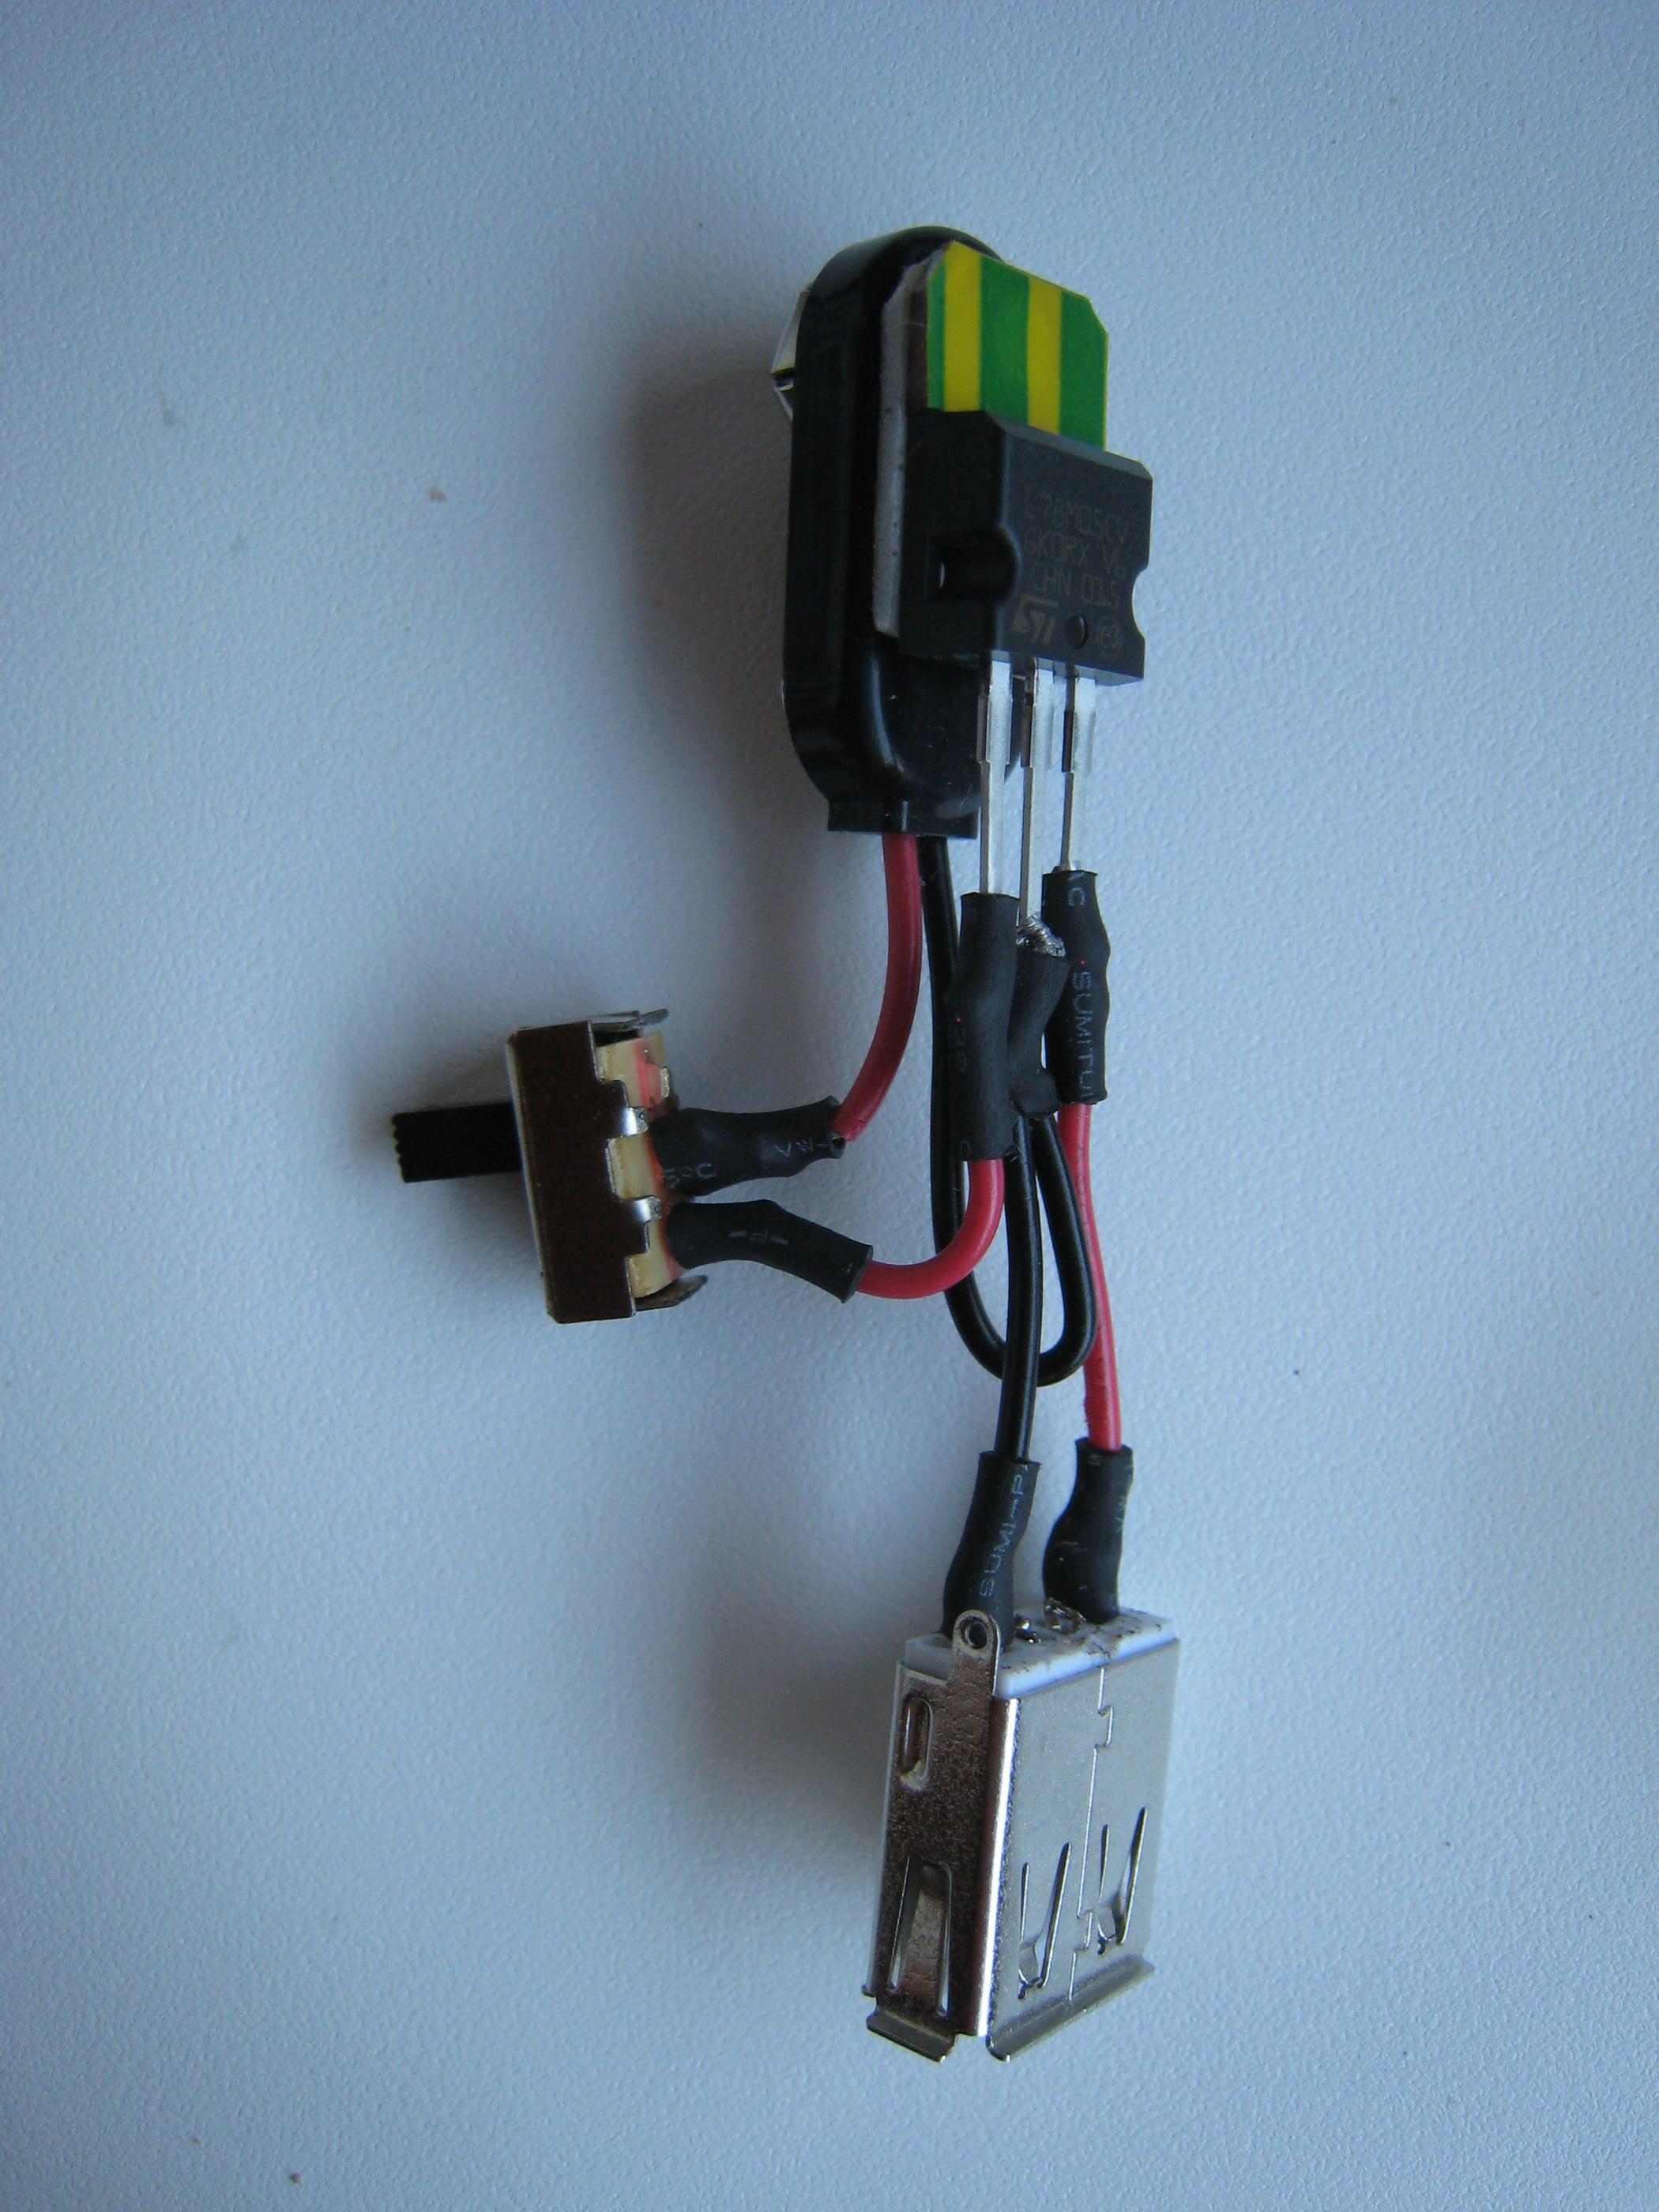 9v USB Charger: 3 Steps